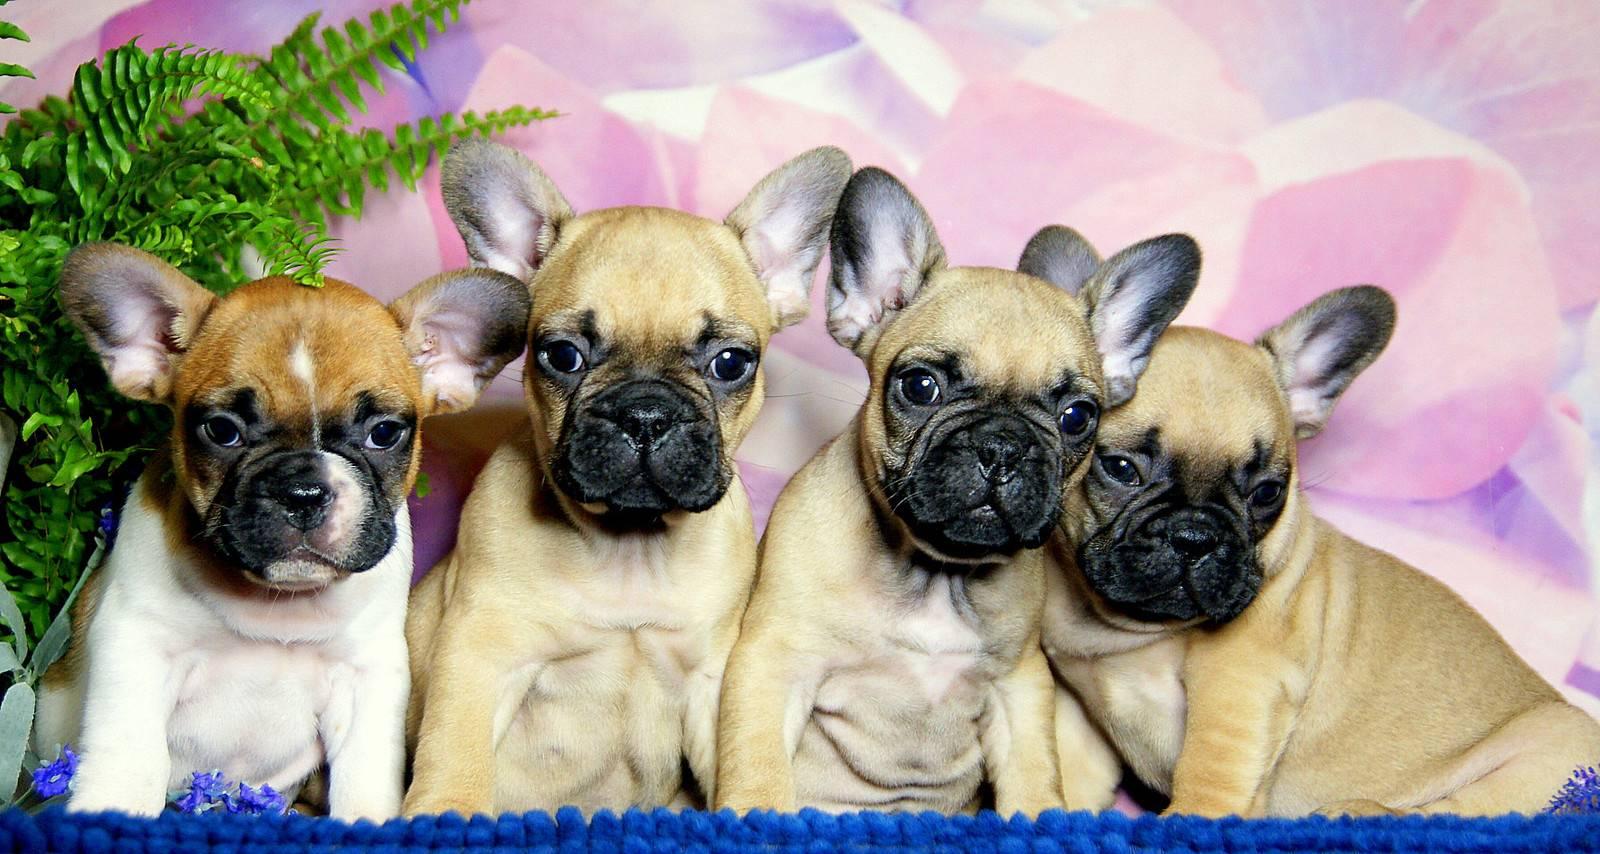 Дрессировка французского бульдога: порода собаки фото, как воспитывать щенка в домашних условиях, злой